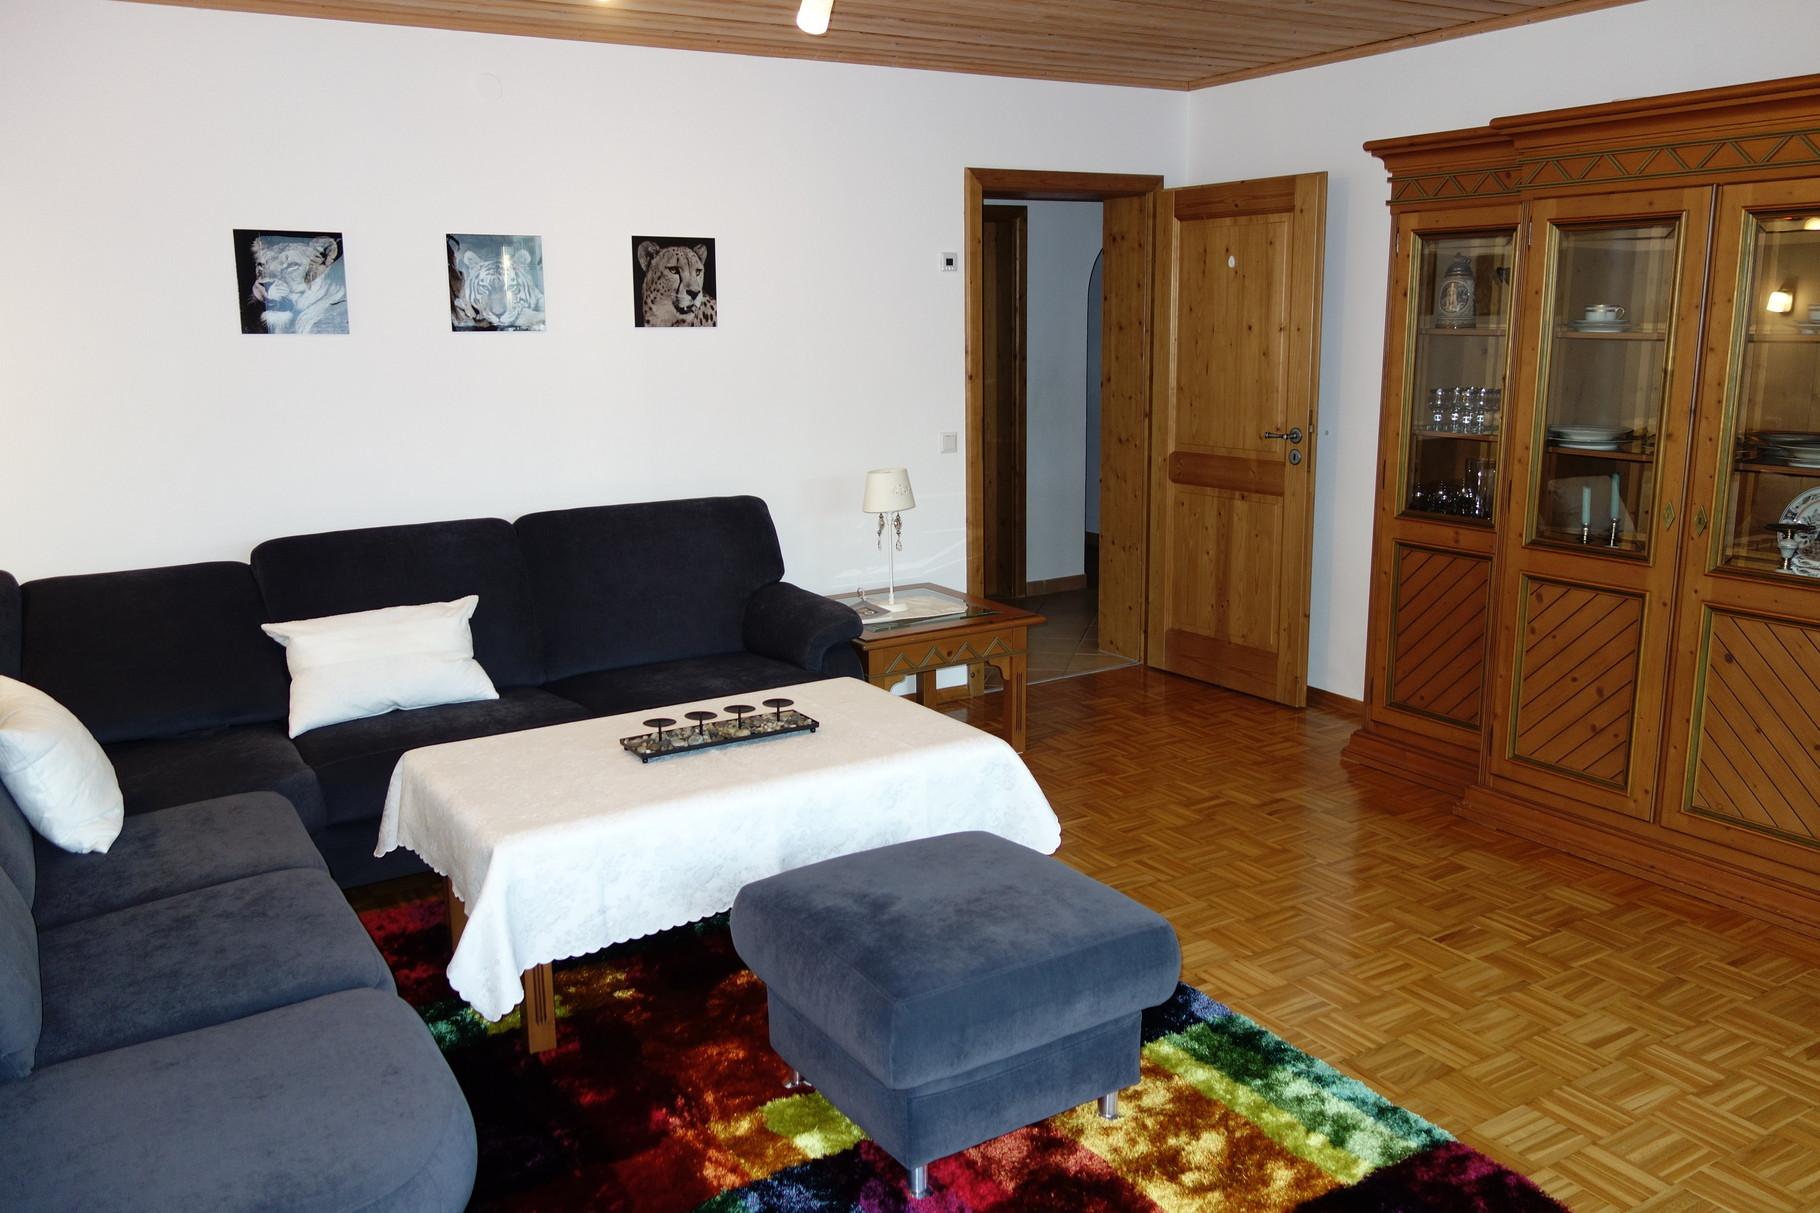 FEWO Guilbeault Wohnzimmer